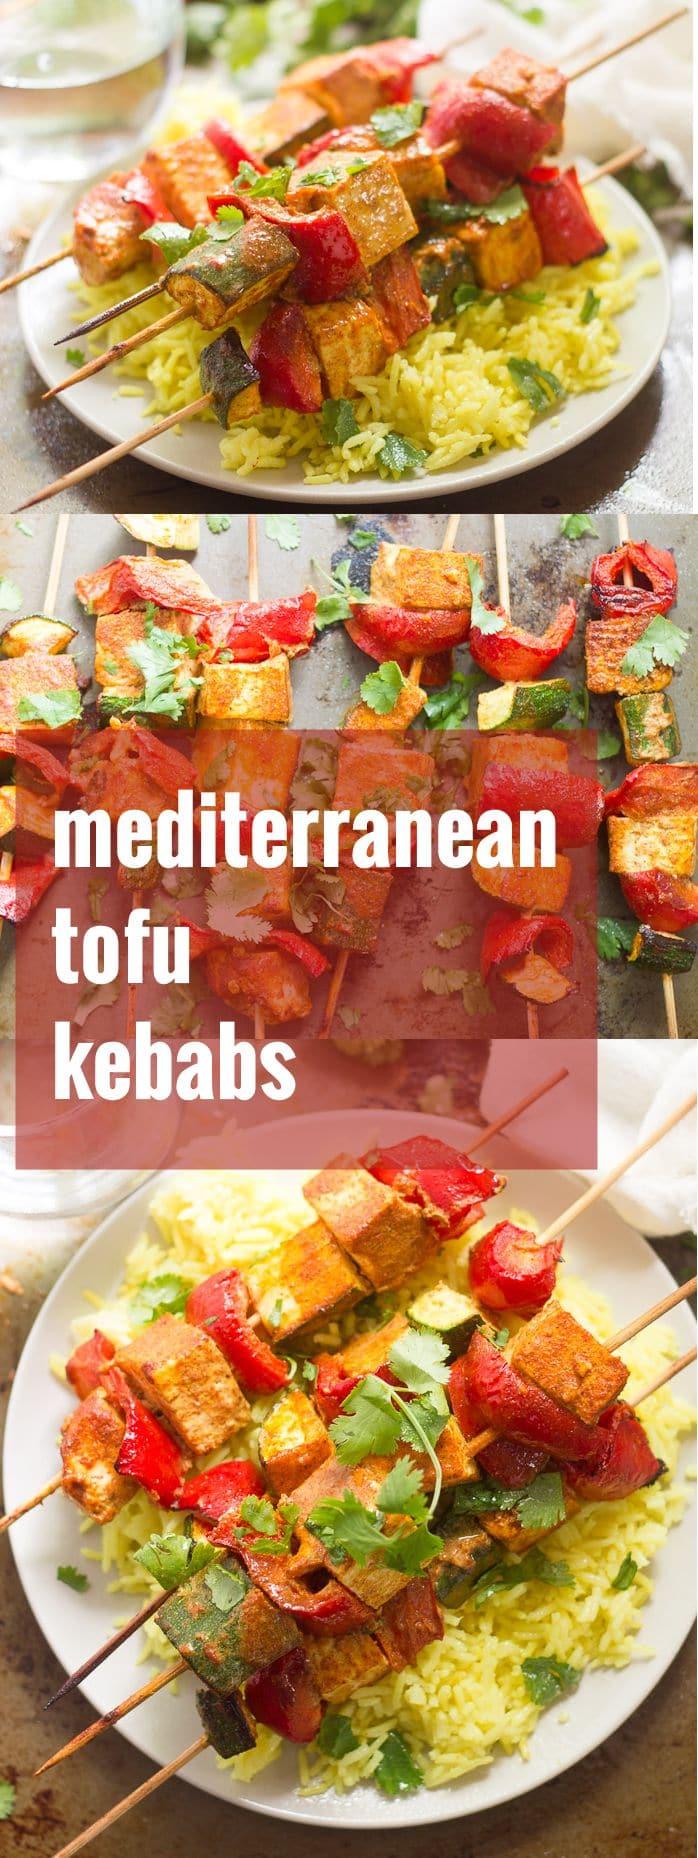 Mediterranean-Spiced Tofu Kebabs